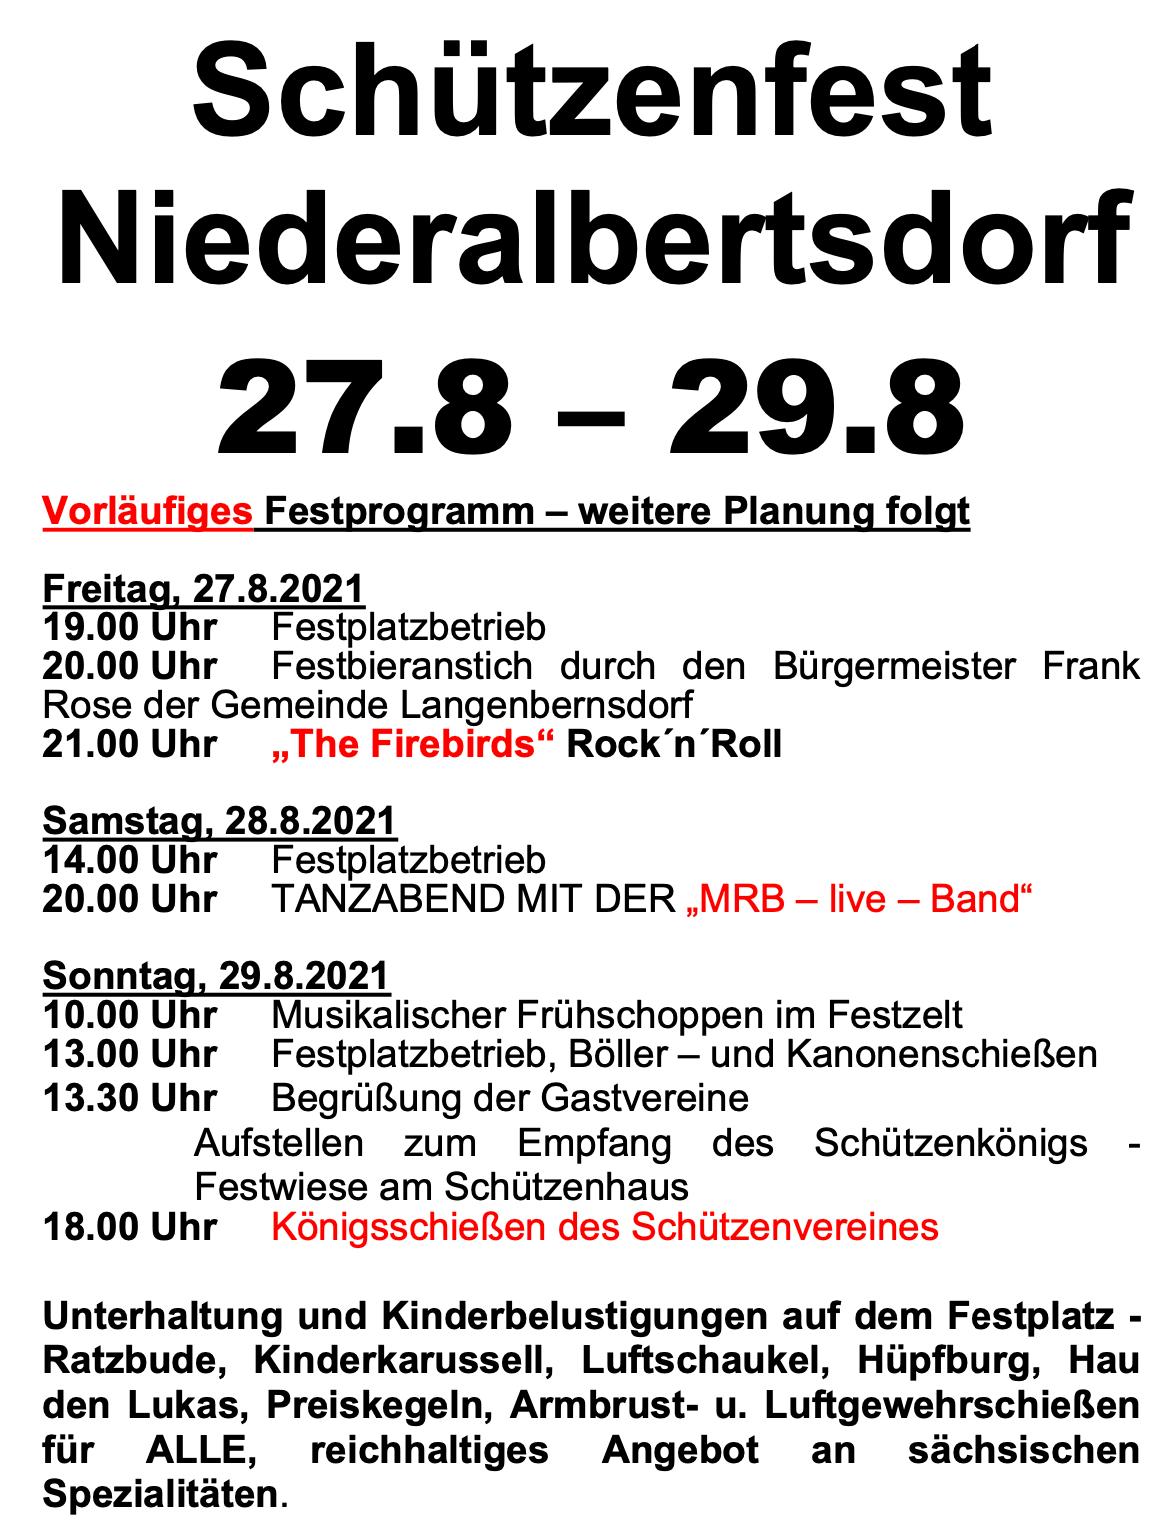 Programm Schützenfest 2021